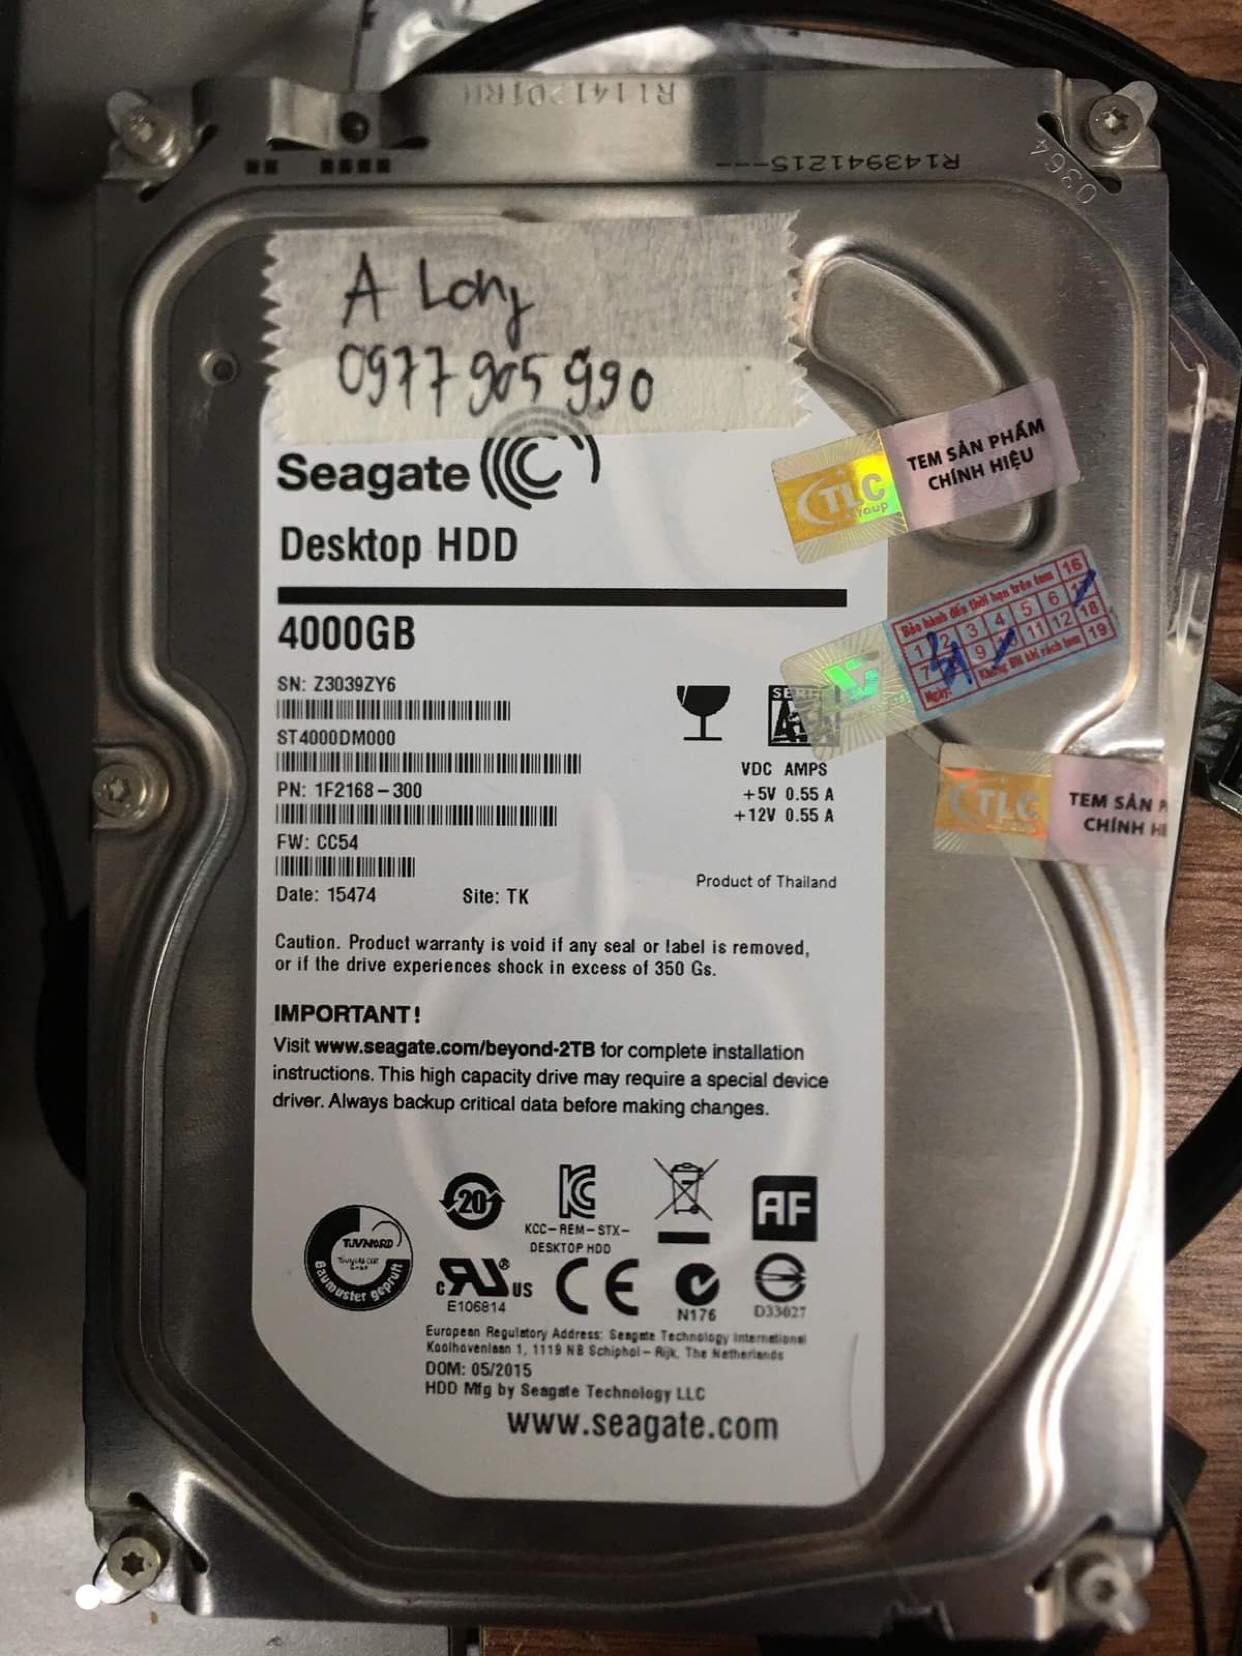 Phục hồi dữ liệu ổ cứng Seagate 4TB không nhận 20/11/2019 - cuumaytinh